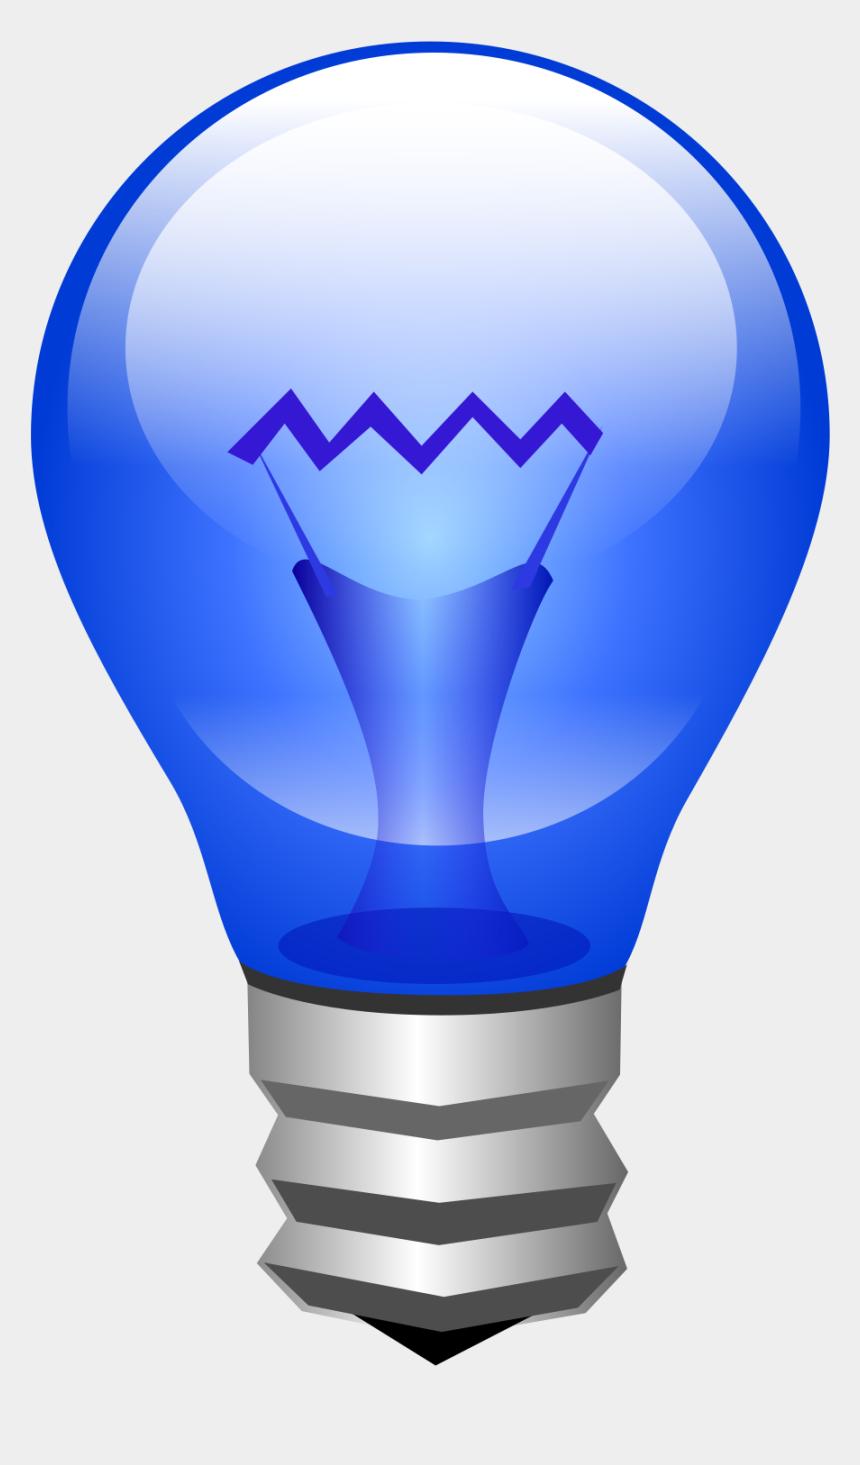 lightbulb clipart blue, Cartoons - Lamp Clipart Lightbulb Edison - Light Bulb Gif Png